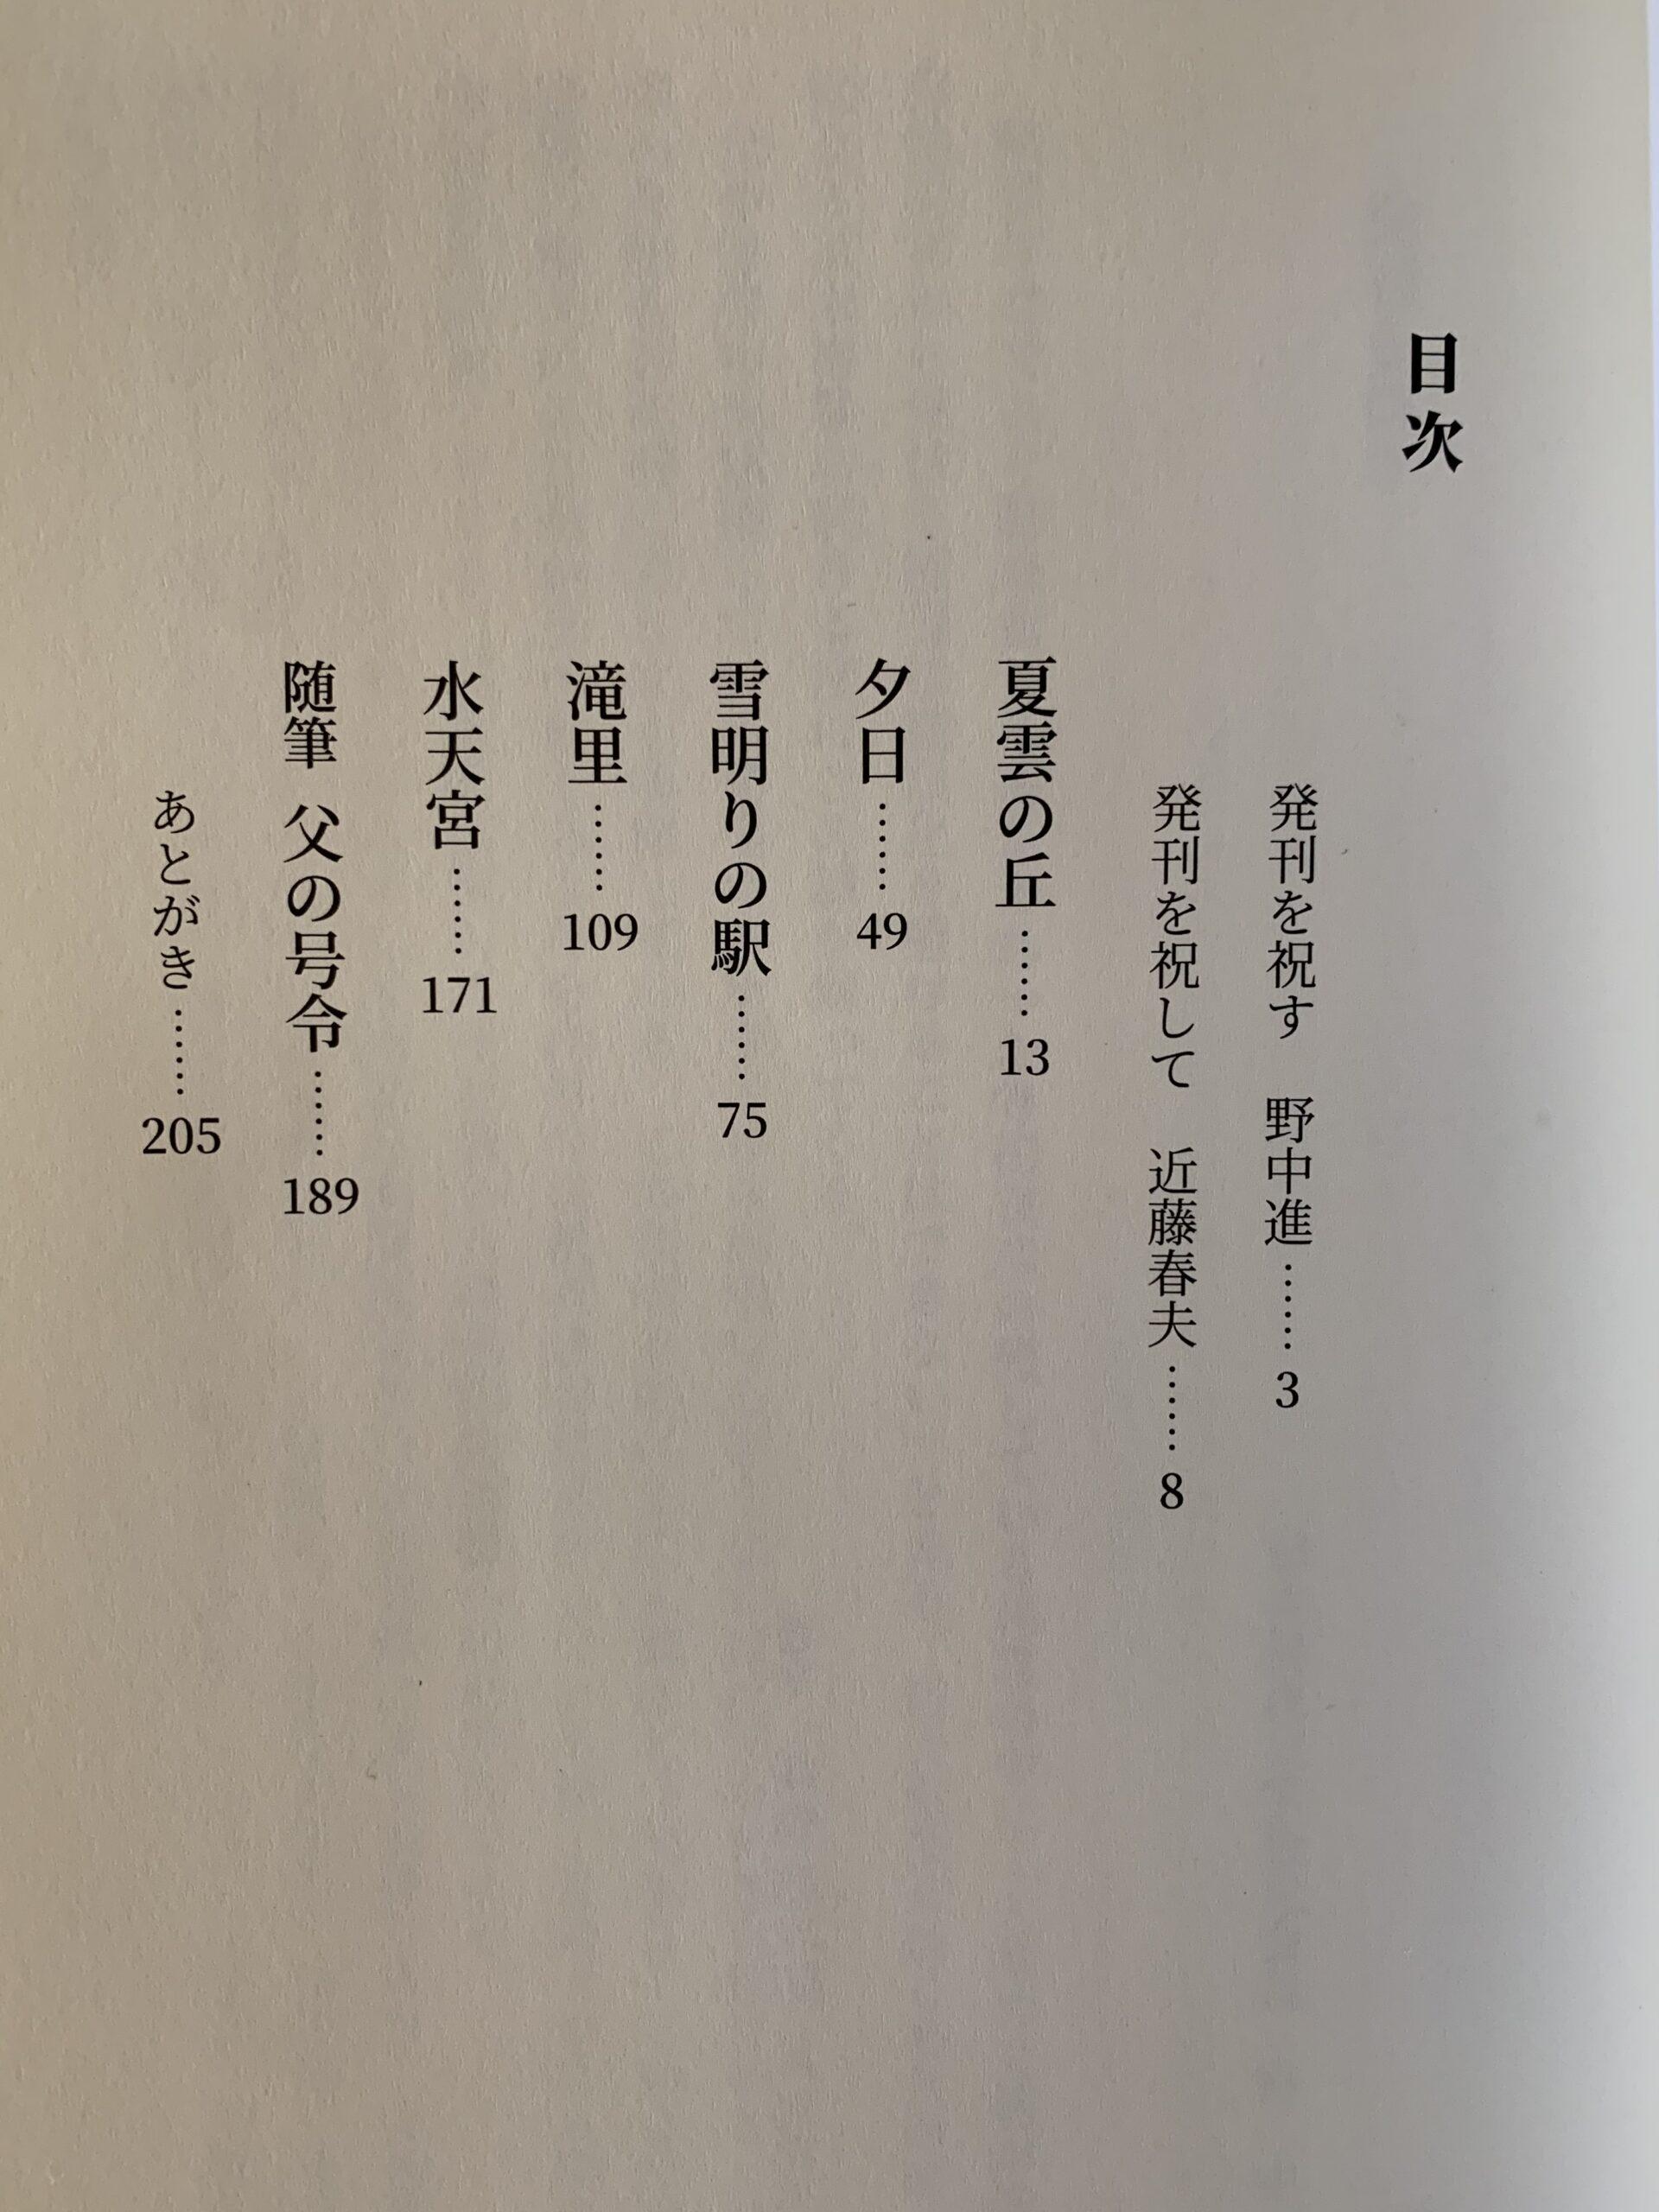 高橋文化協会会長が小説「滝里」を出版しました